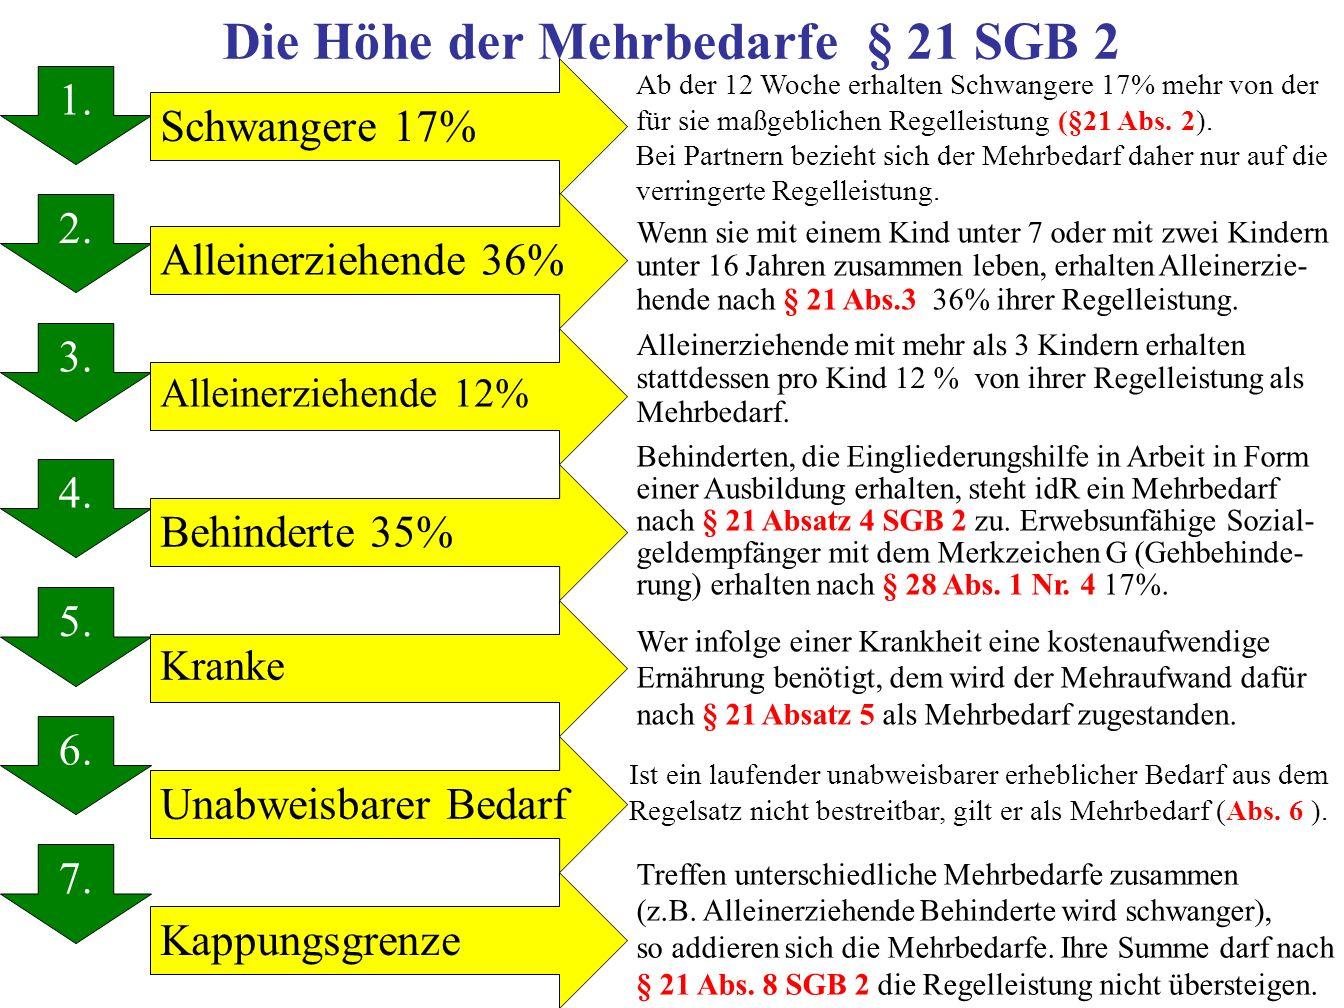 Die Höhe der Mehrbedarfe § 21 SGB 2